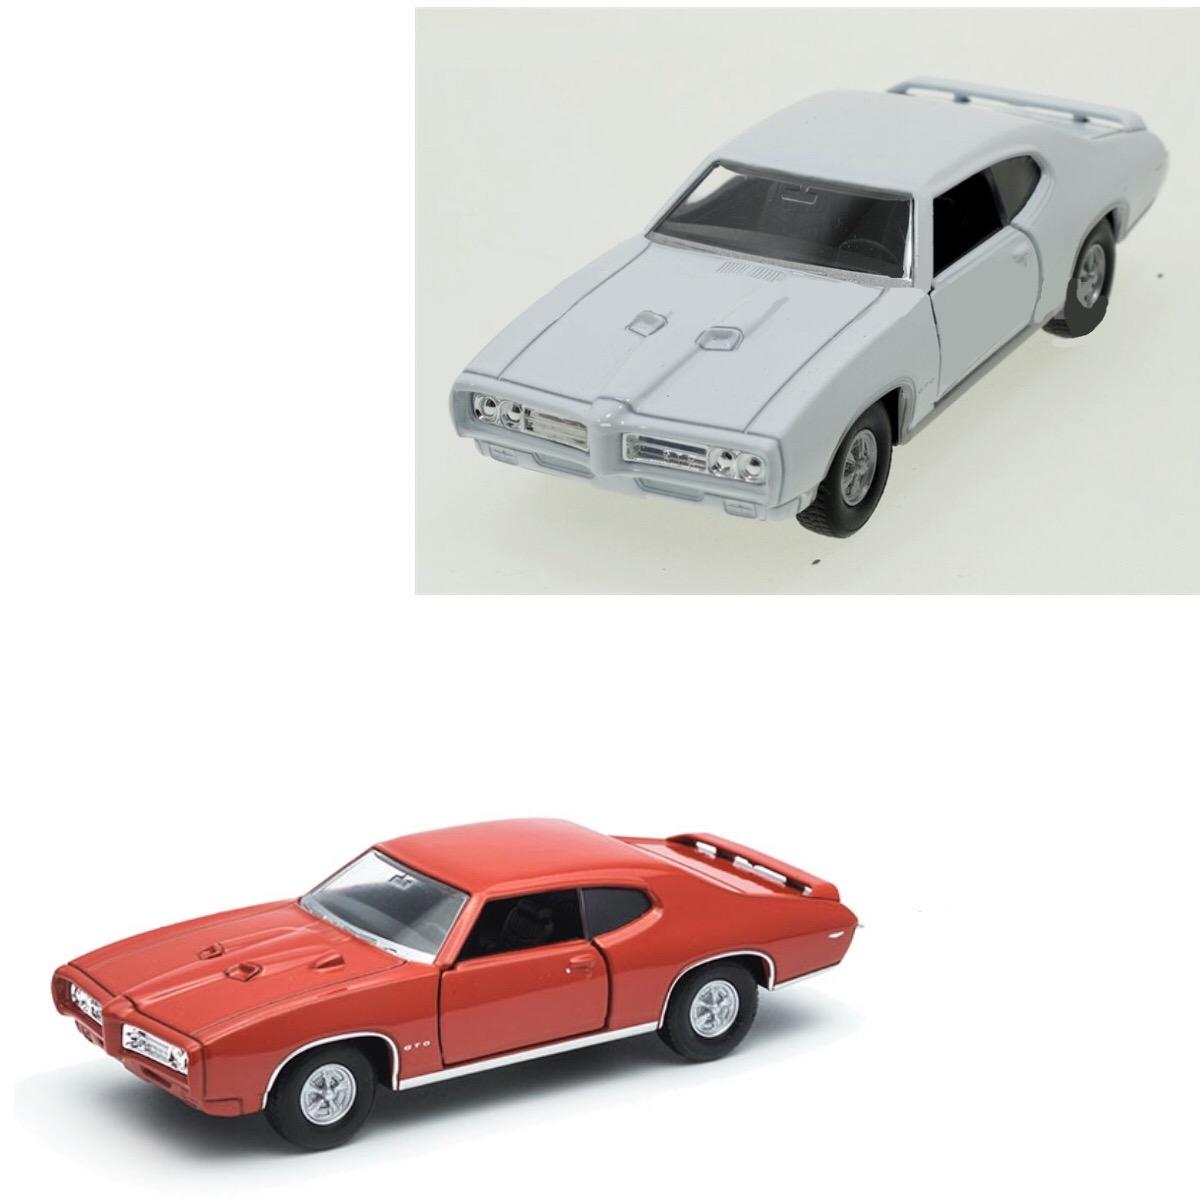 Модель винтажной машины - Pontiac GTO, 1:34-39Винтажные модели<br>Модель винтажной машины - Pontiac GTO, 1:34-39<br>